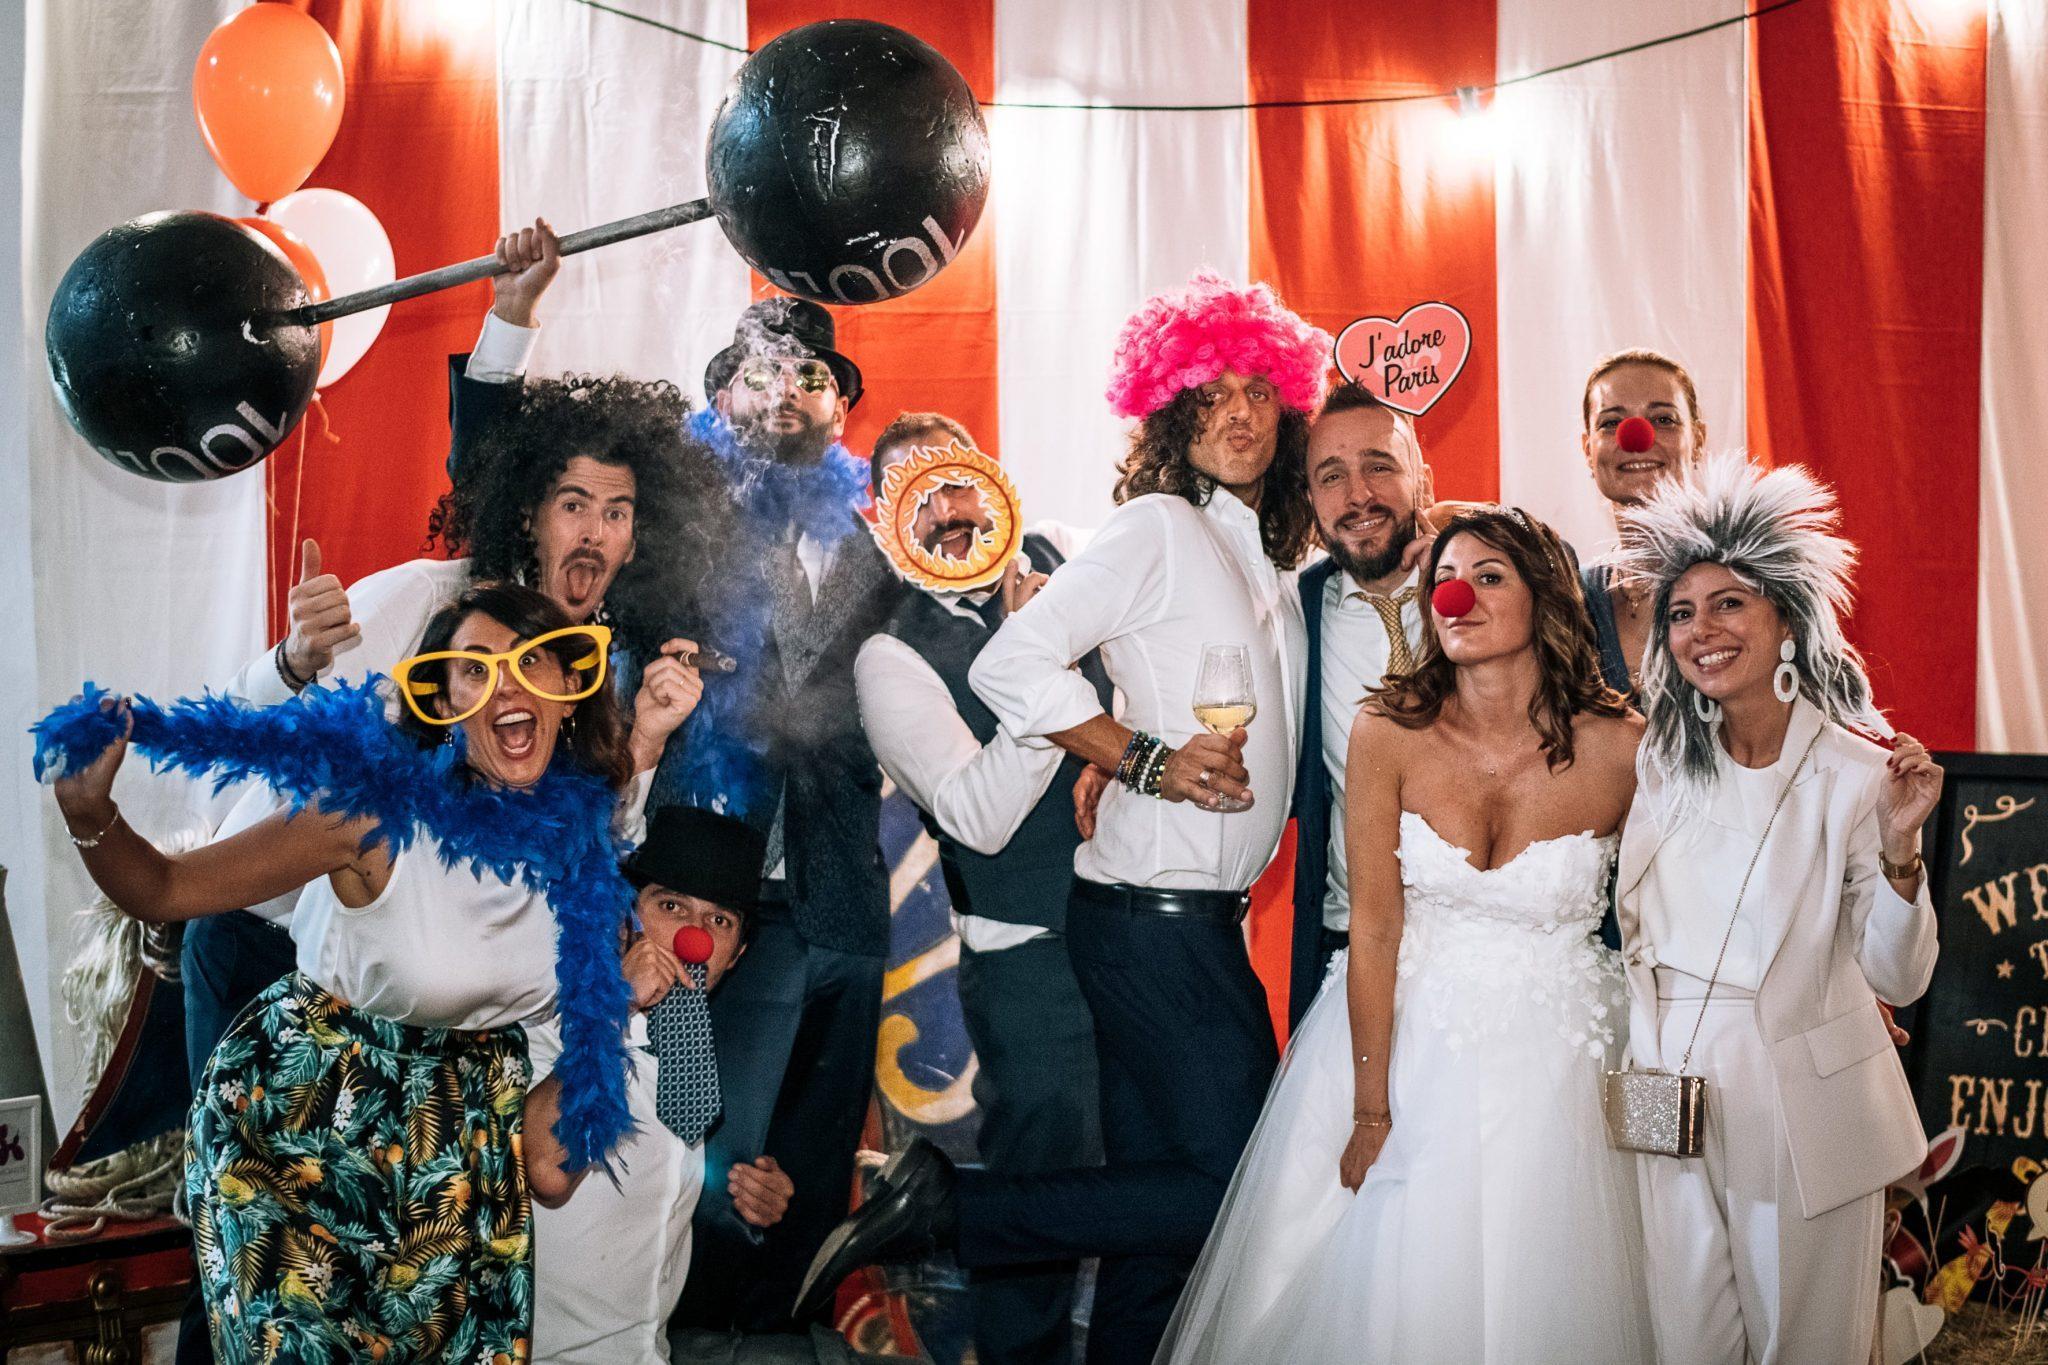 gli sposi insieme agli amici mentre si scattano una foto divertente a tema circo